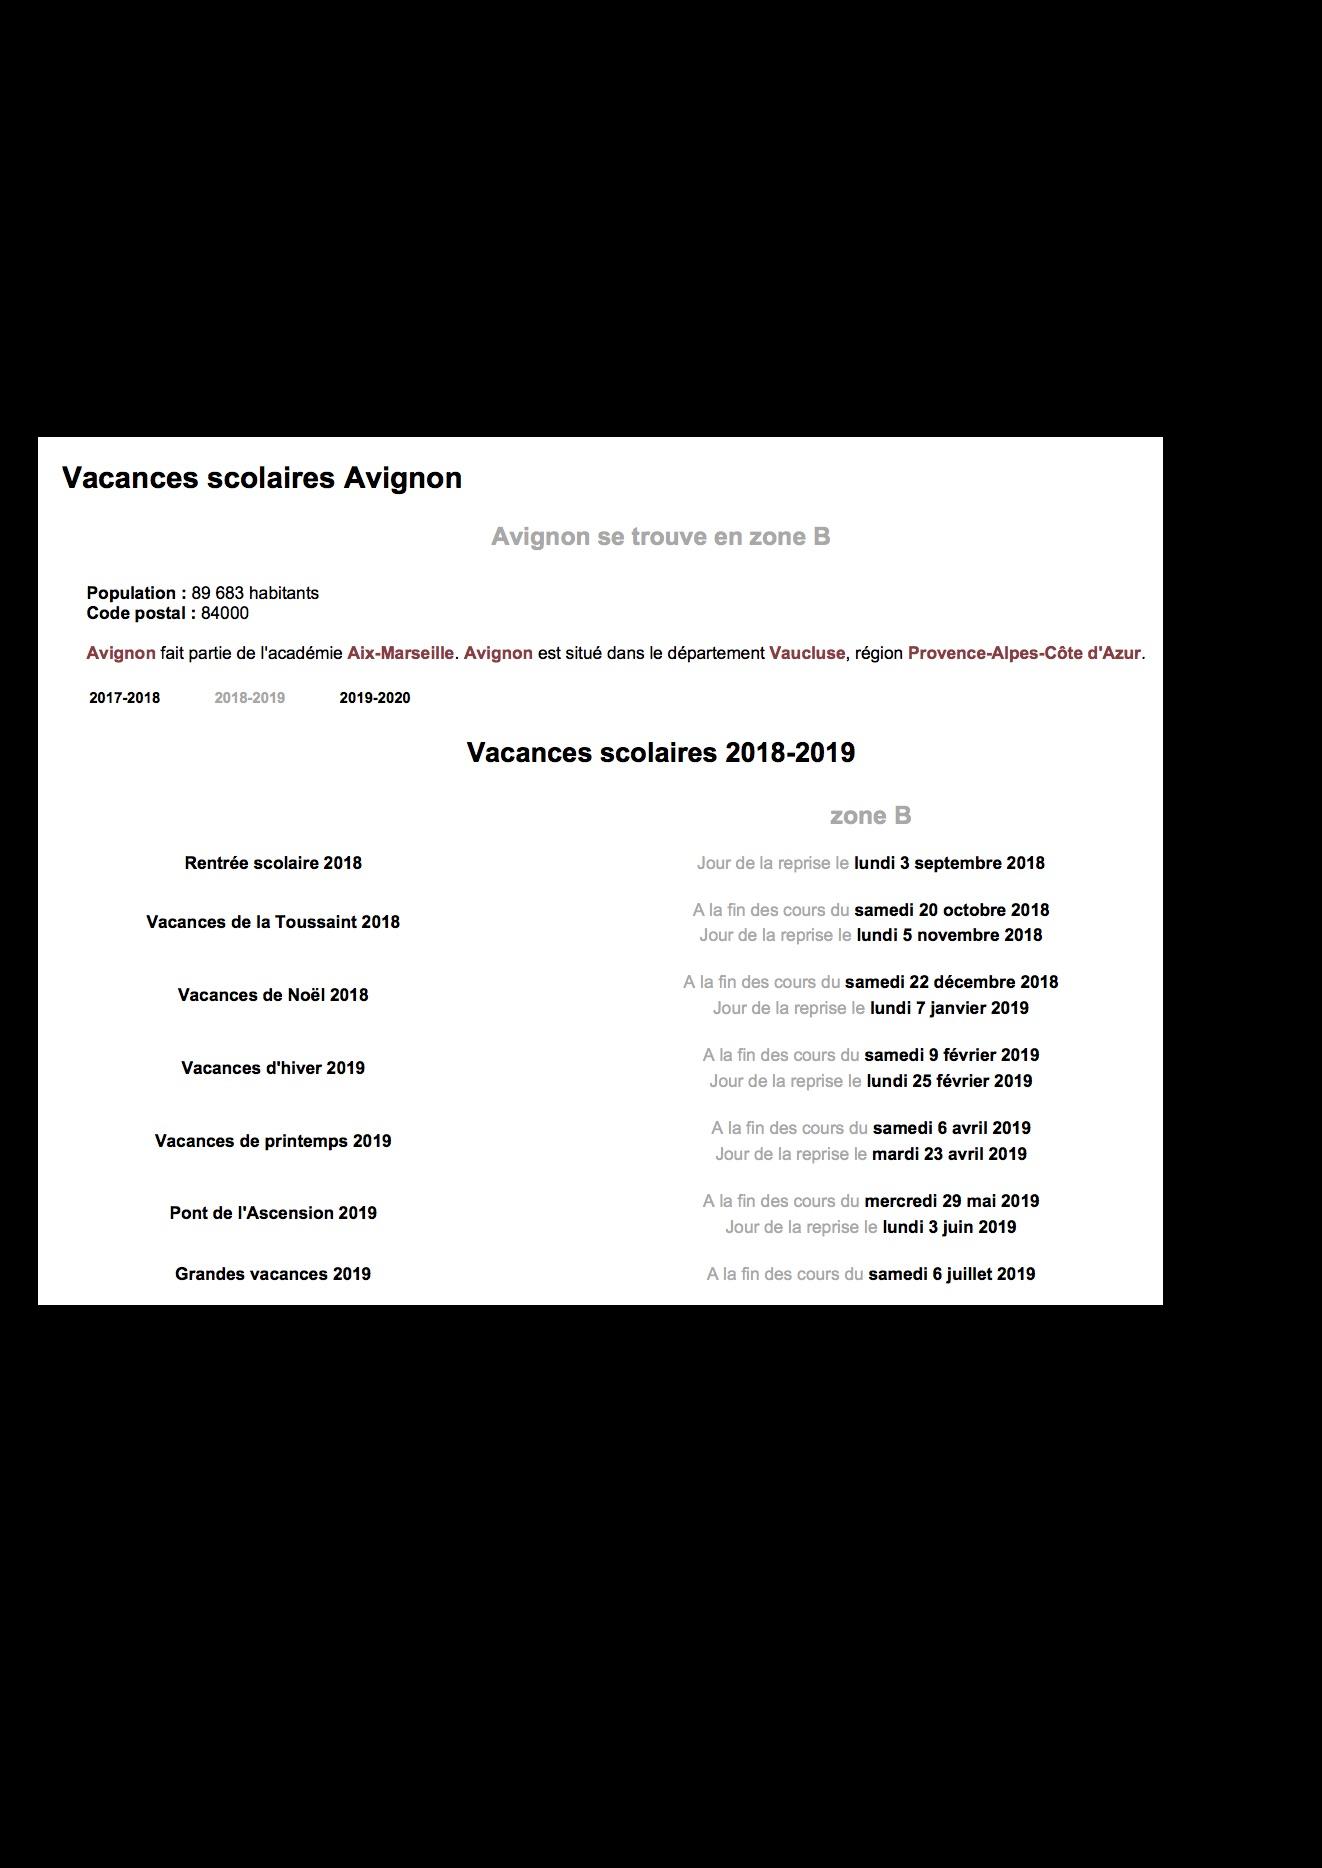 Vacances scolaires avignon 2018 2019 copie